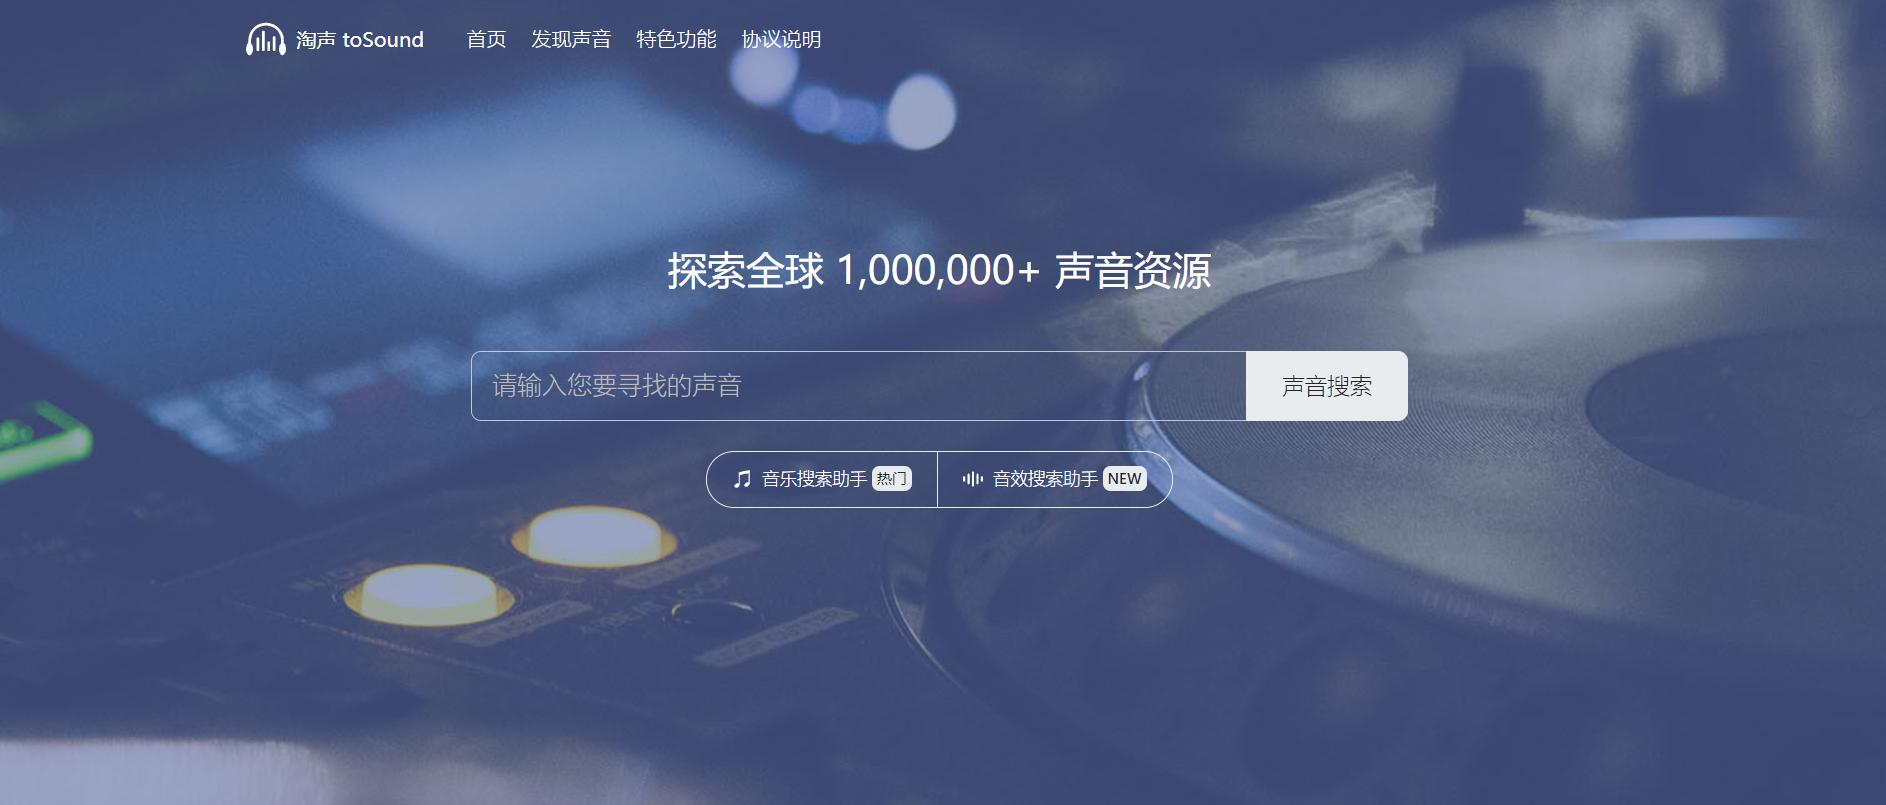 淘声网音乐素材下载网站